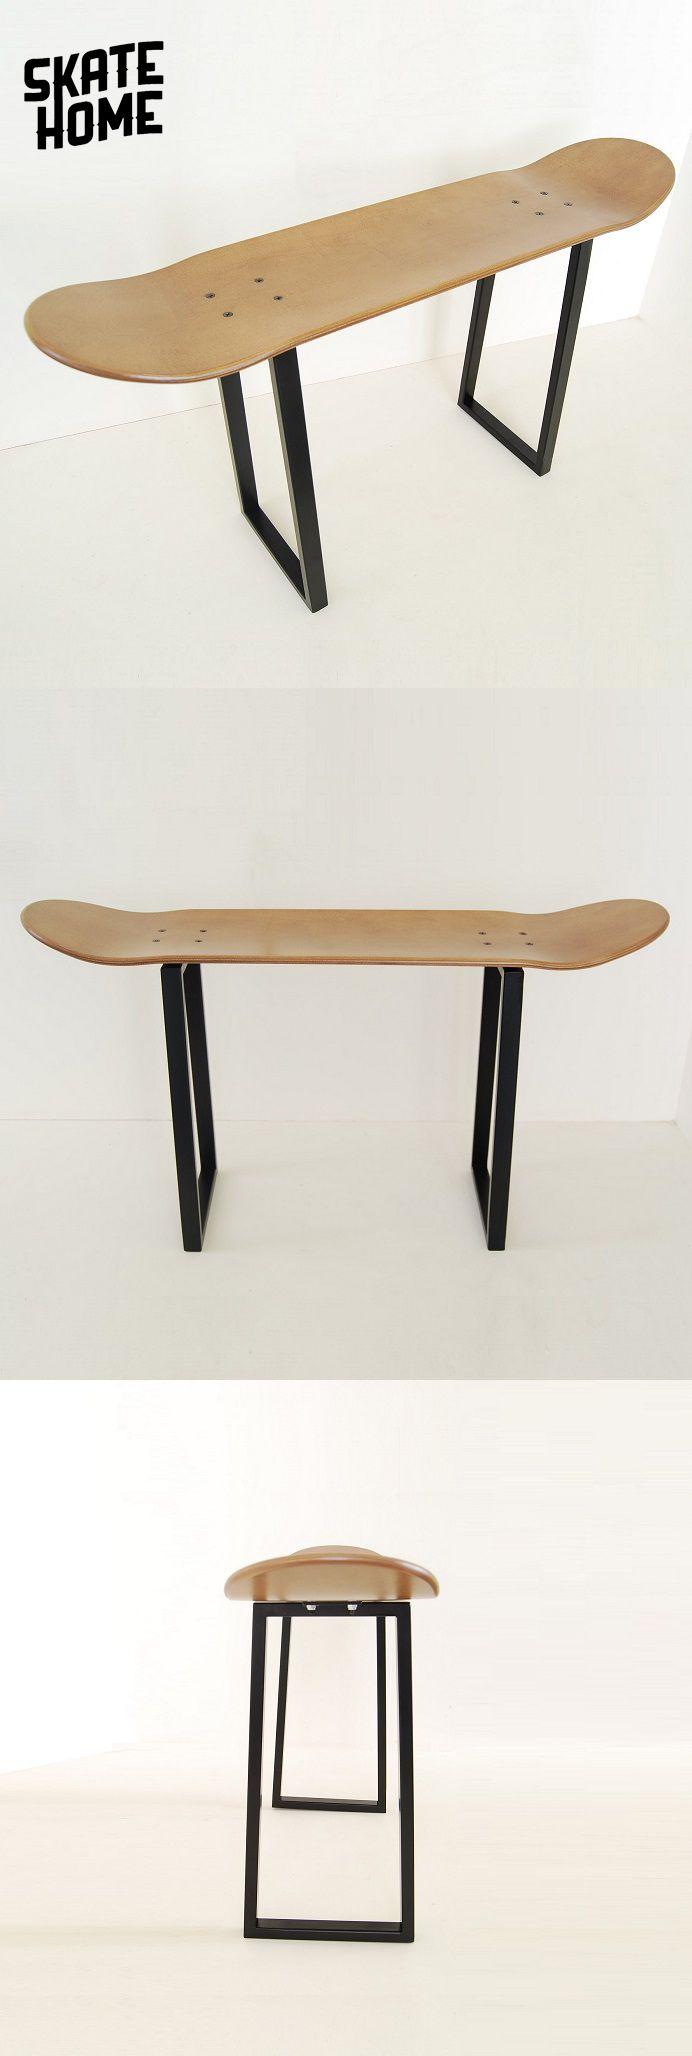 skateboard furniture - gift for skateboarders